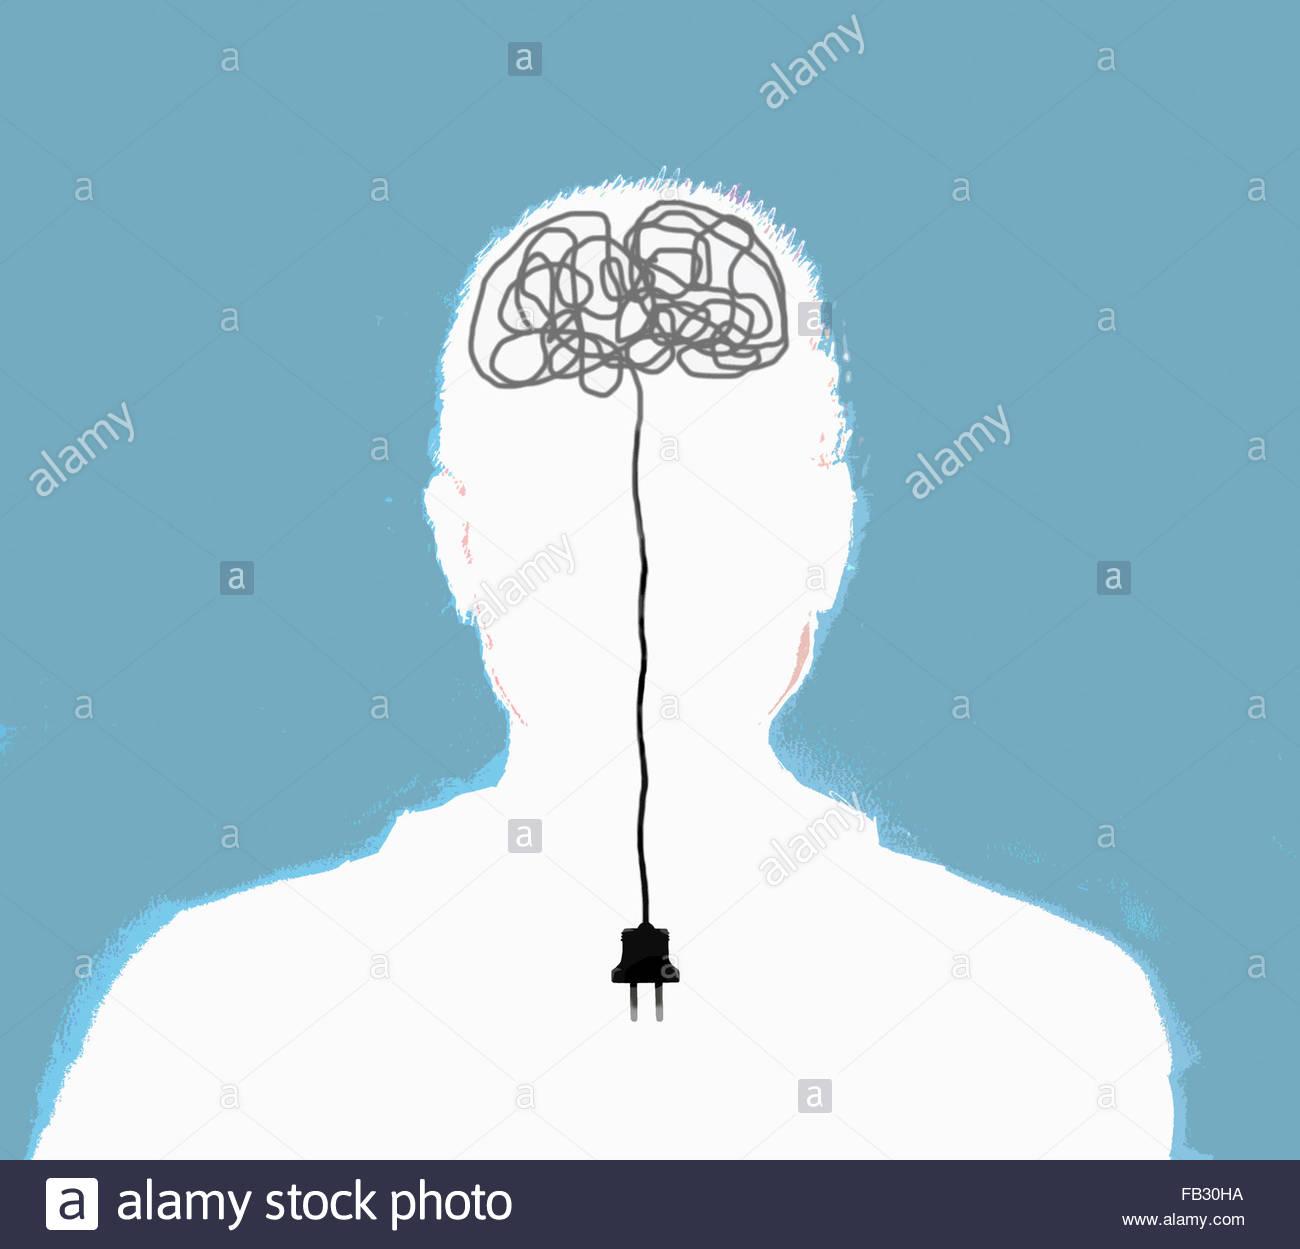 Hombre con unplugged enredos de cables eléctricos en el cerebro Imagen De Stock